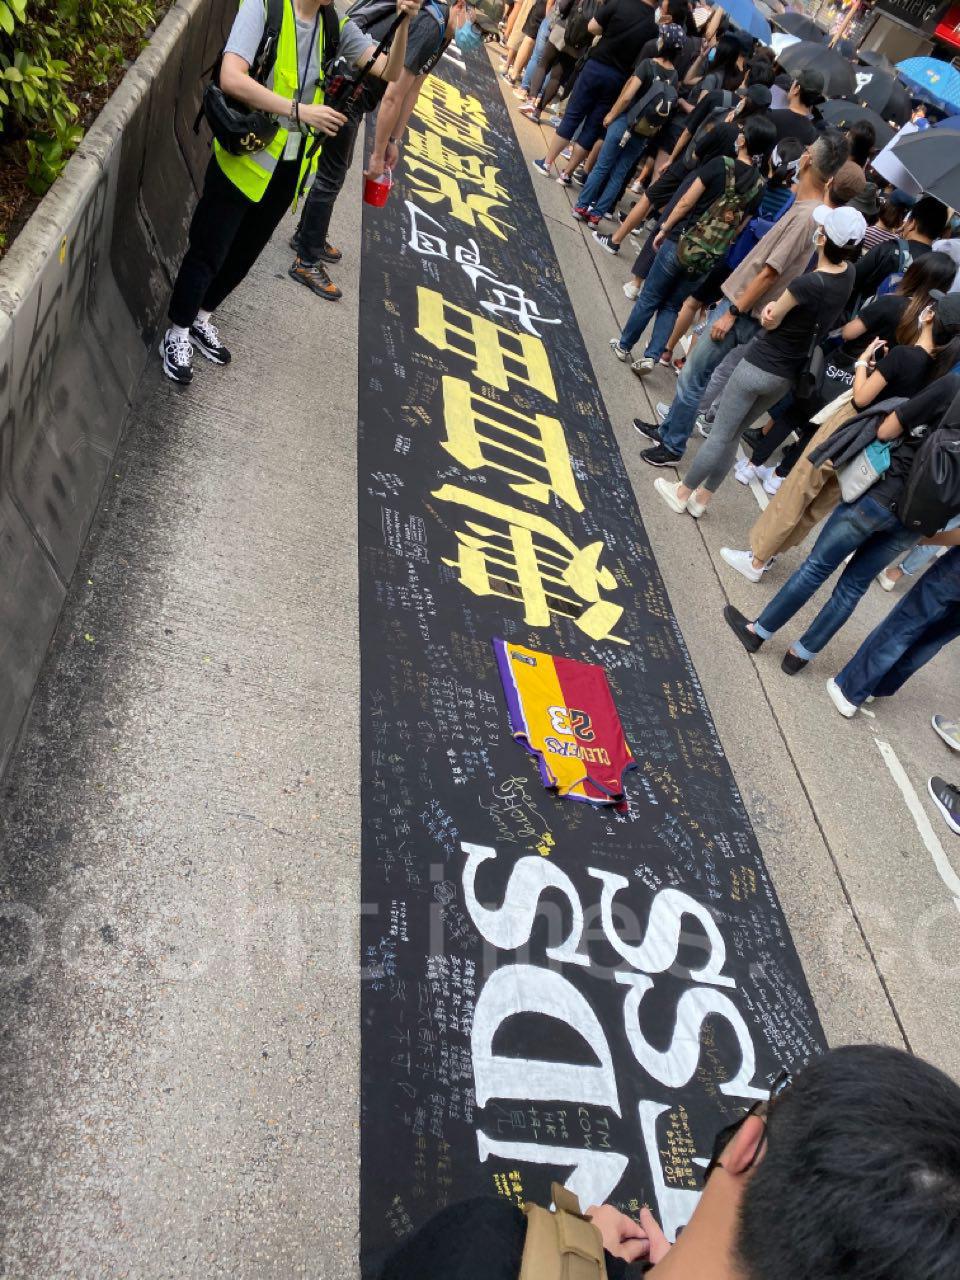 10月20日,在催淚彈和水炮車的噴射下, 35萬港人遊行反惡法 促重組警隊。(駱亞/大紀元)